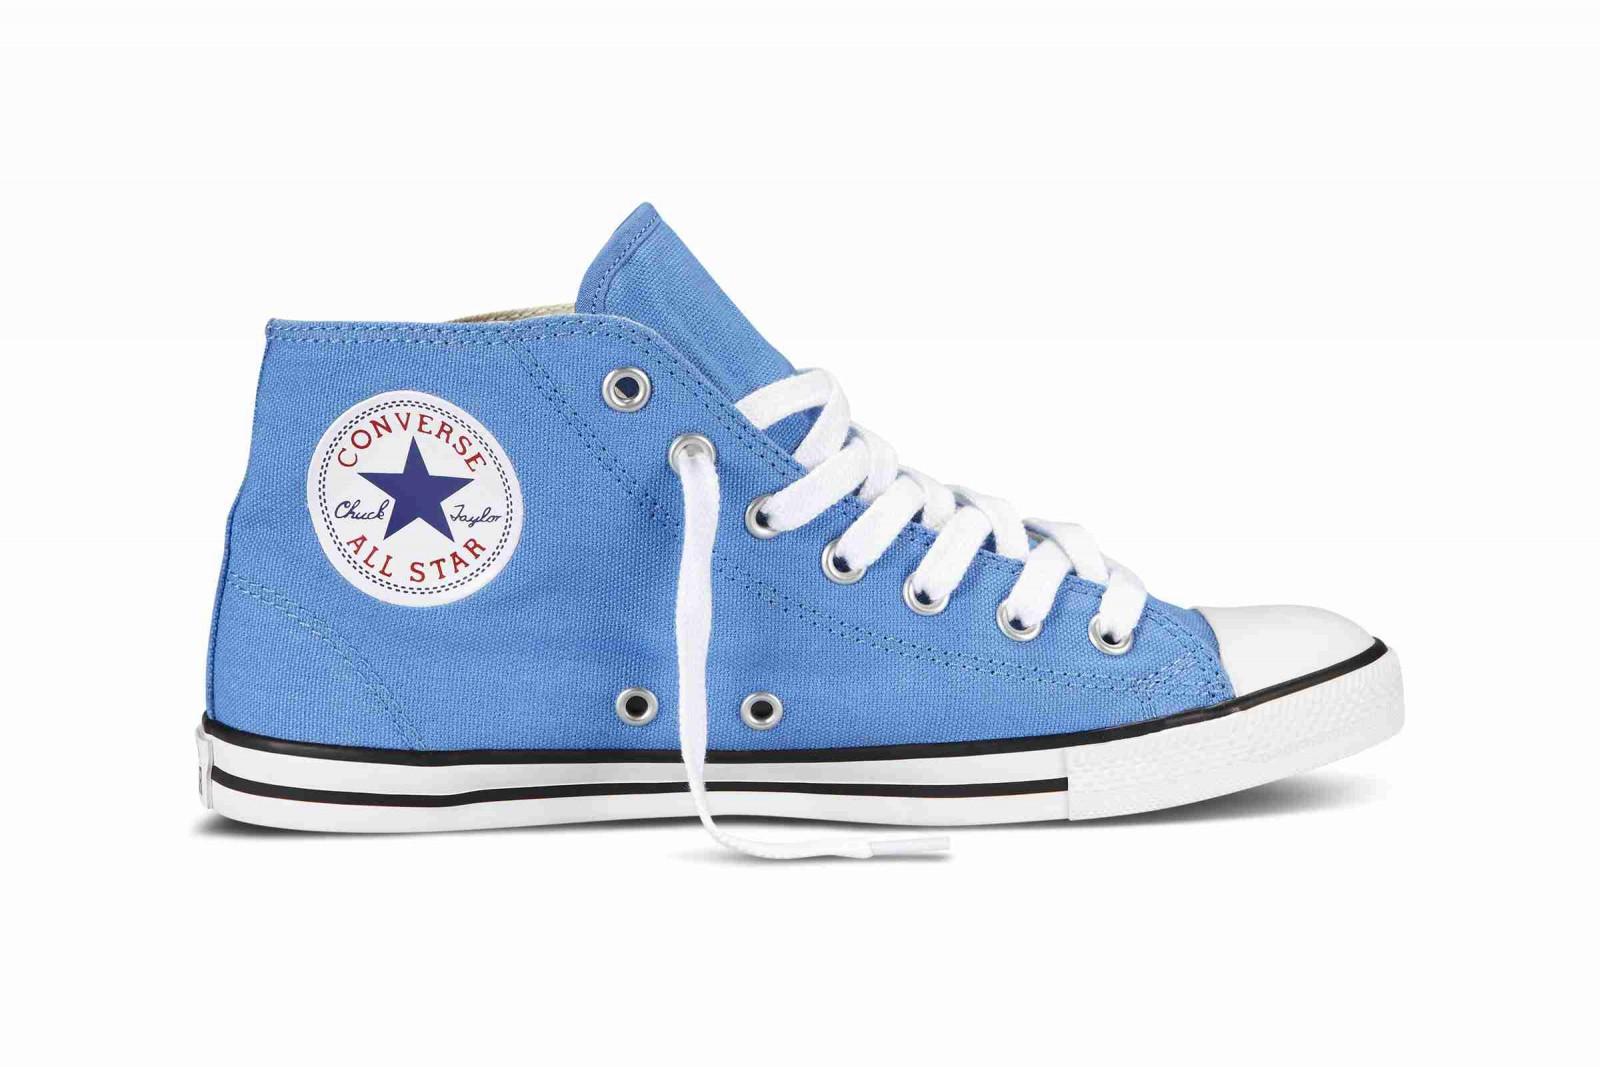 Dámské kotníkové boty Converse Chuck Taylor All Star Dainty modré ... 7633b43f80f